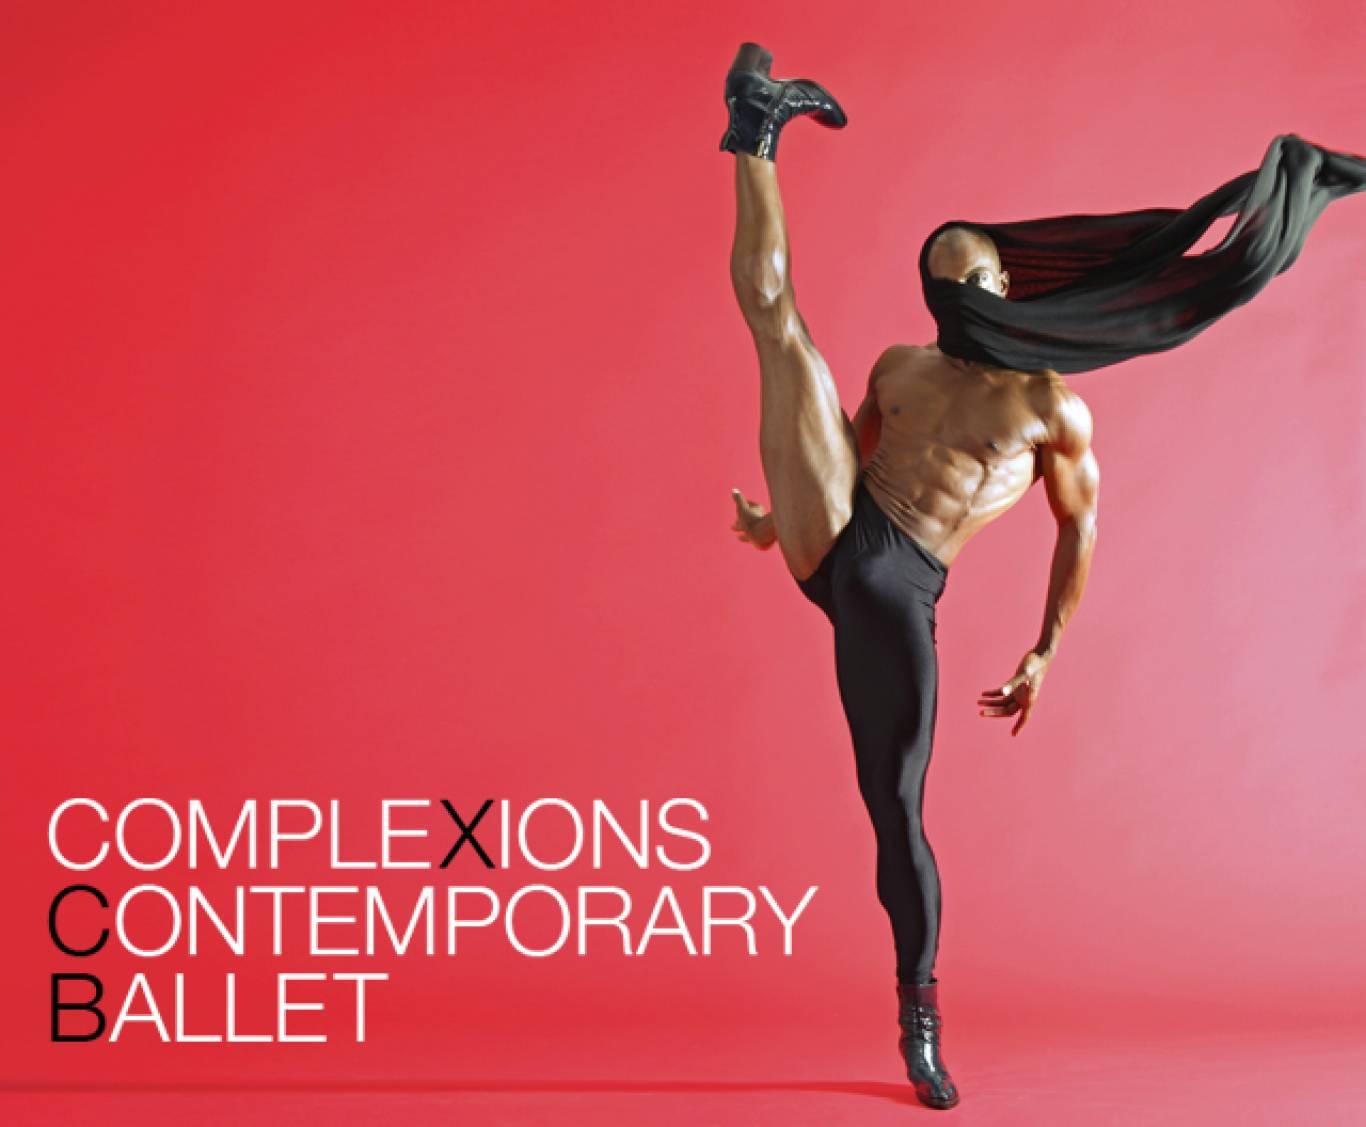 Балет Complexions